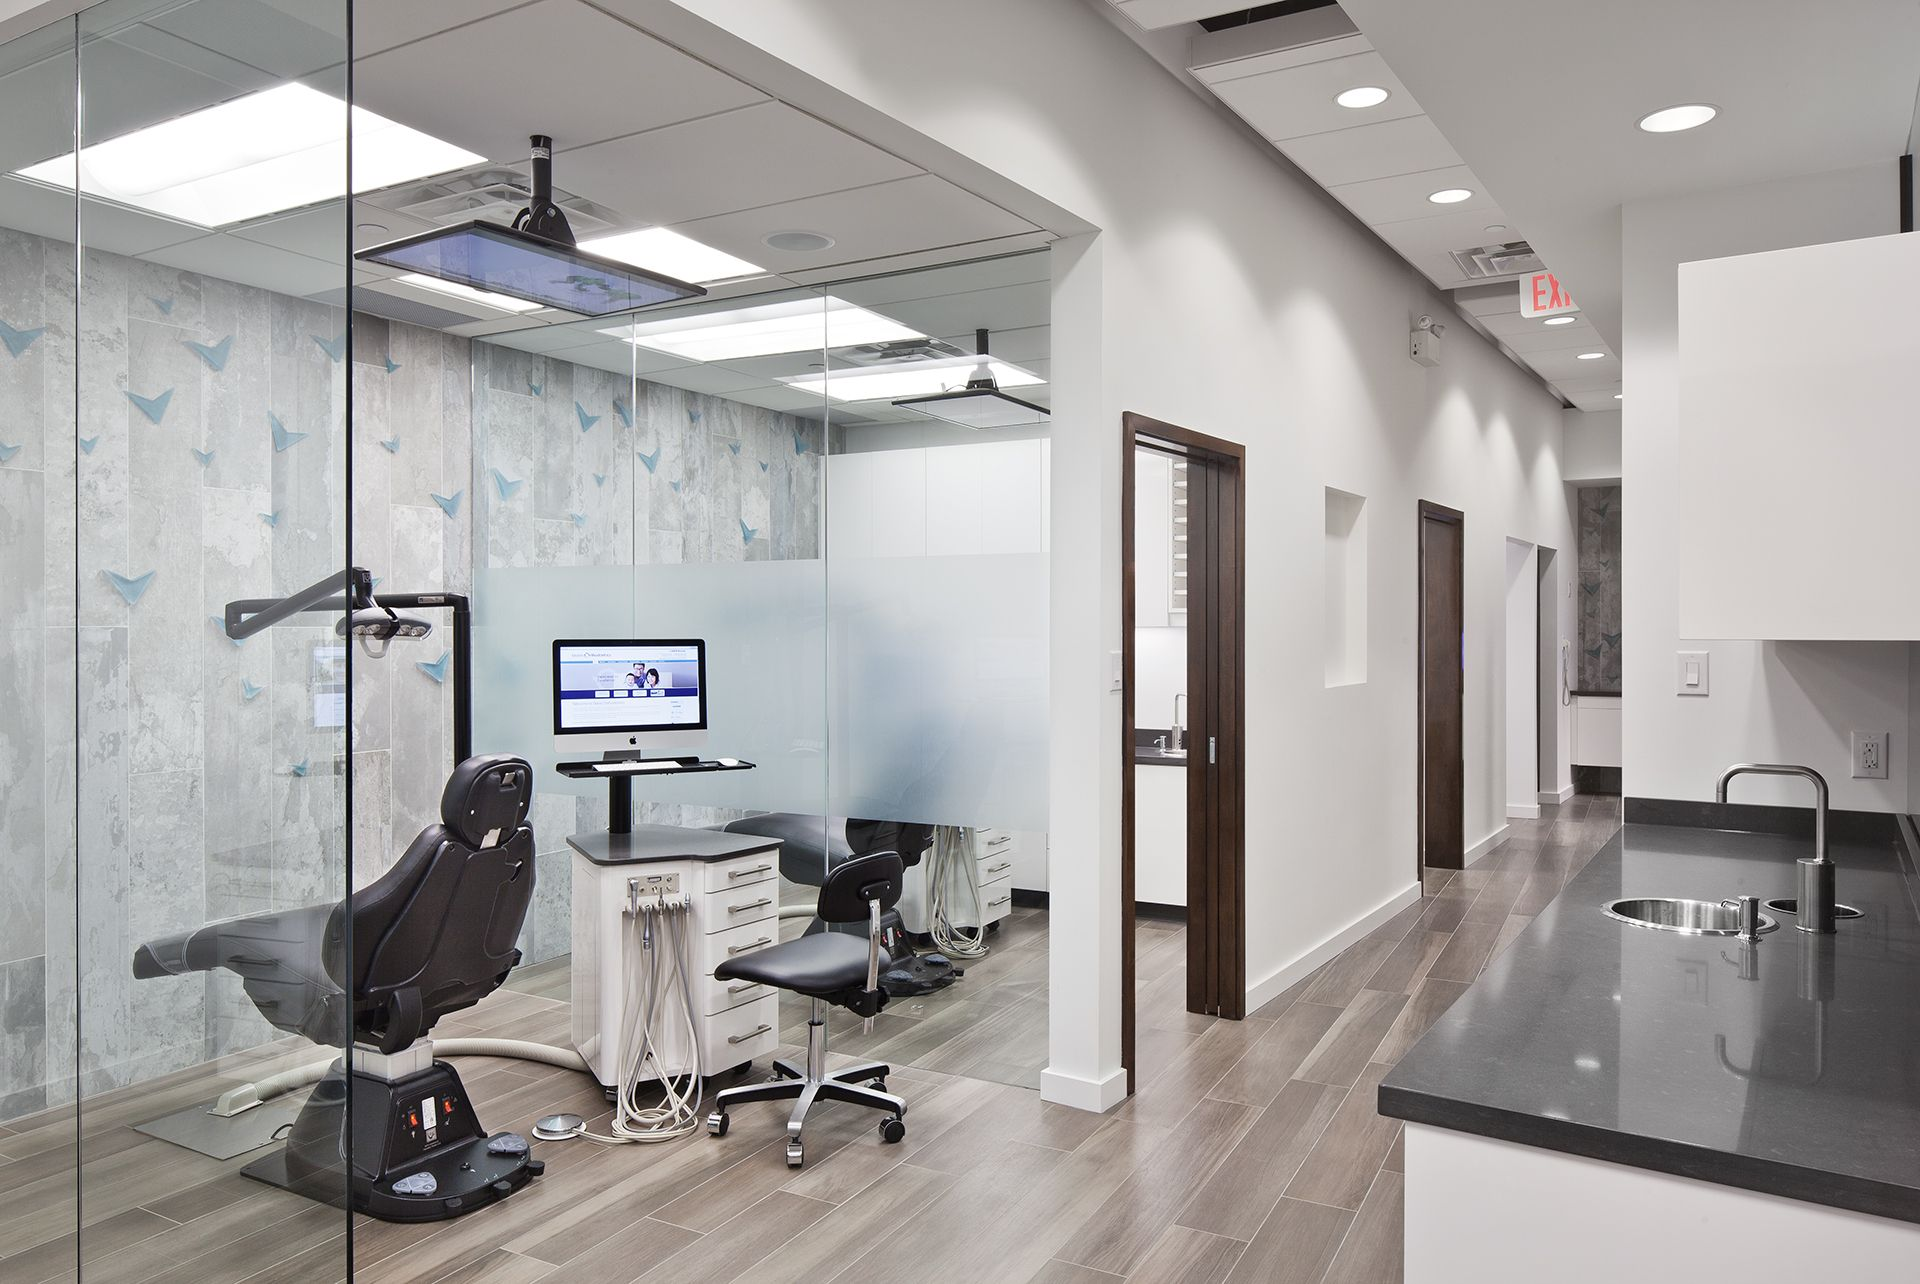 Tasios Orthodontics - Treatment Hall